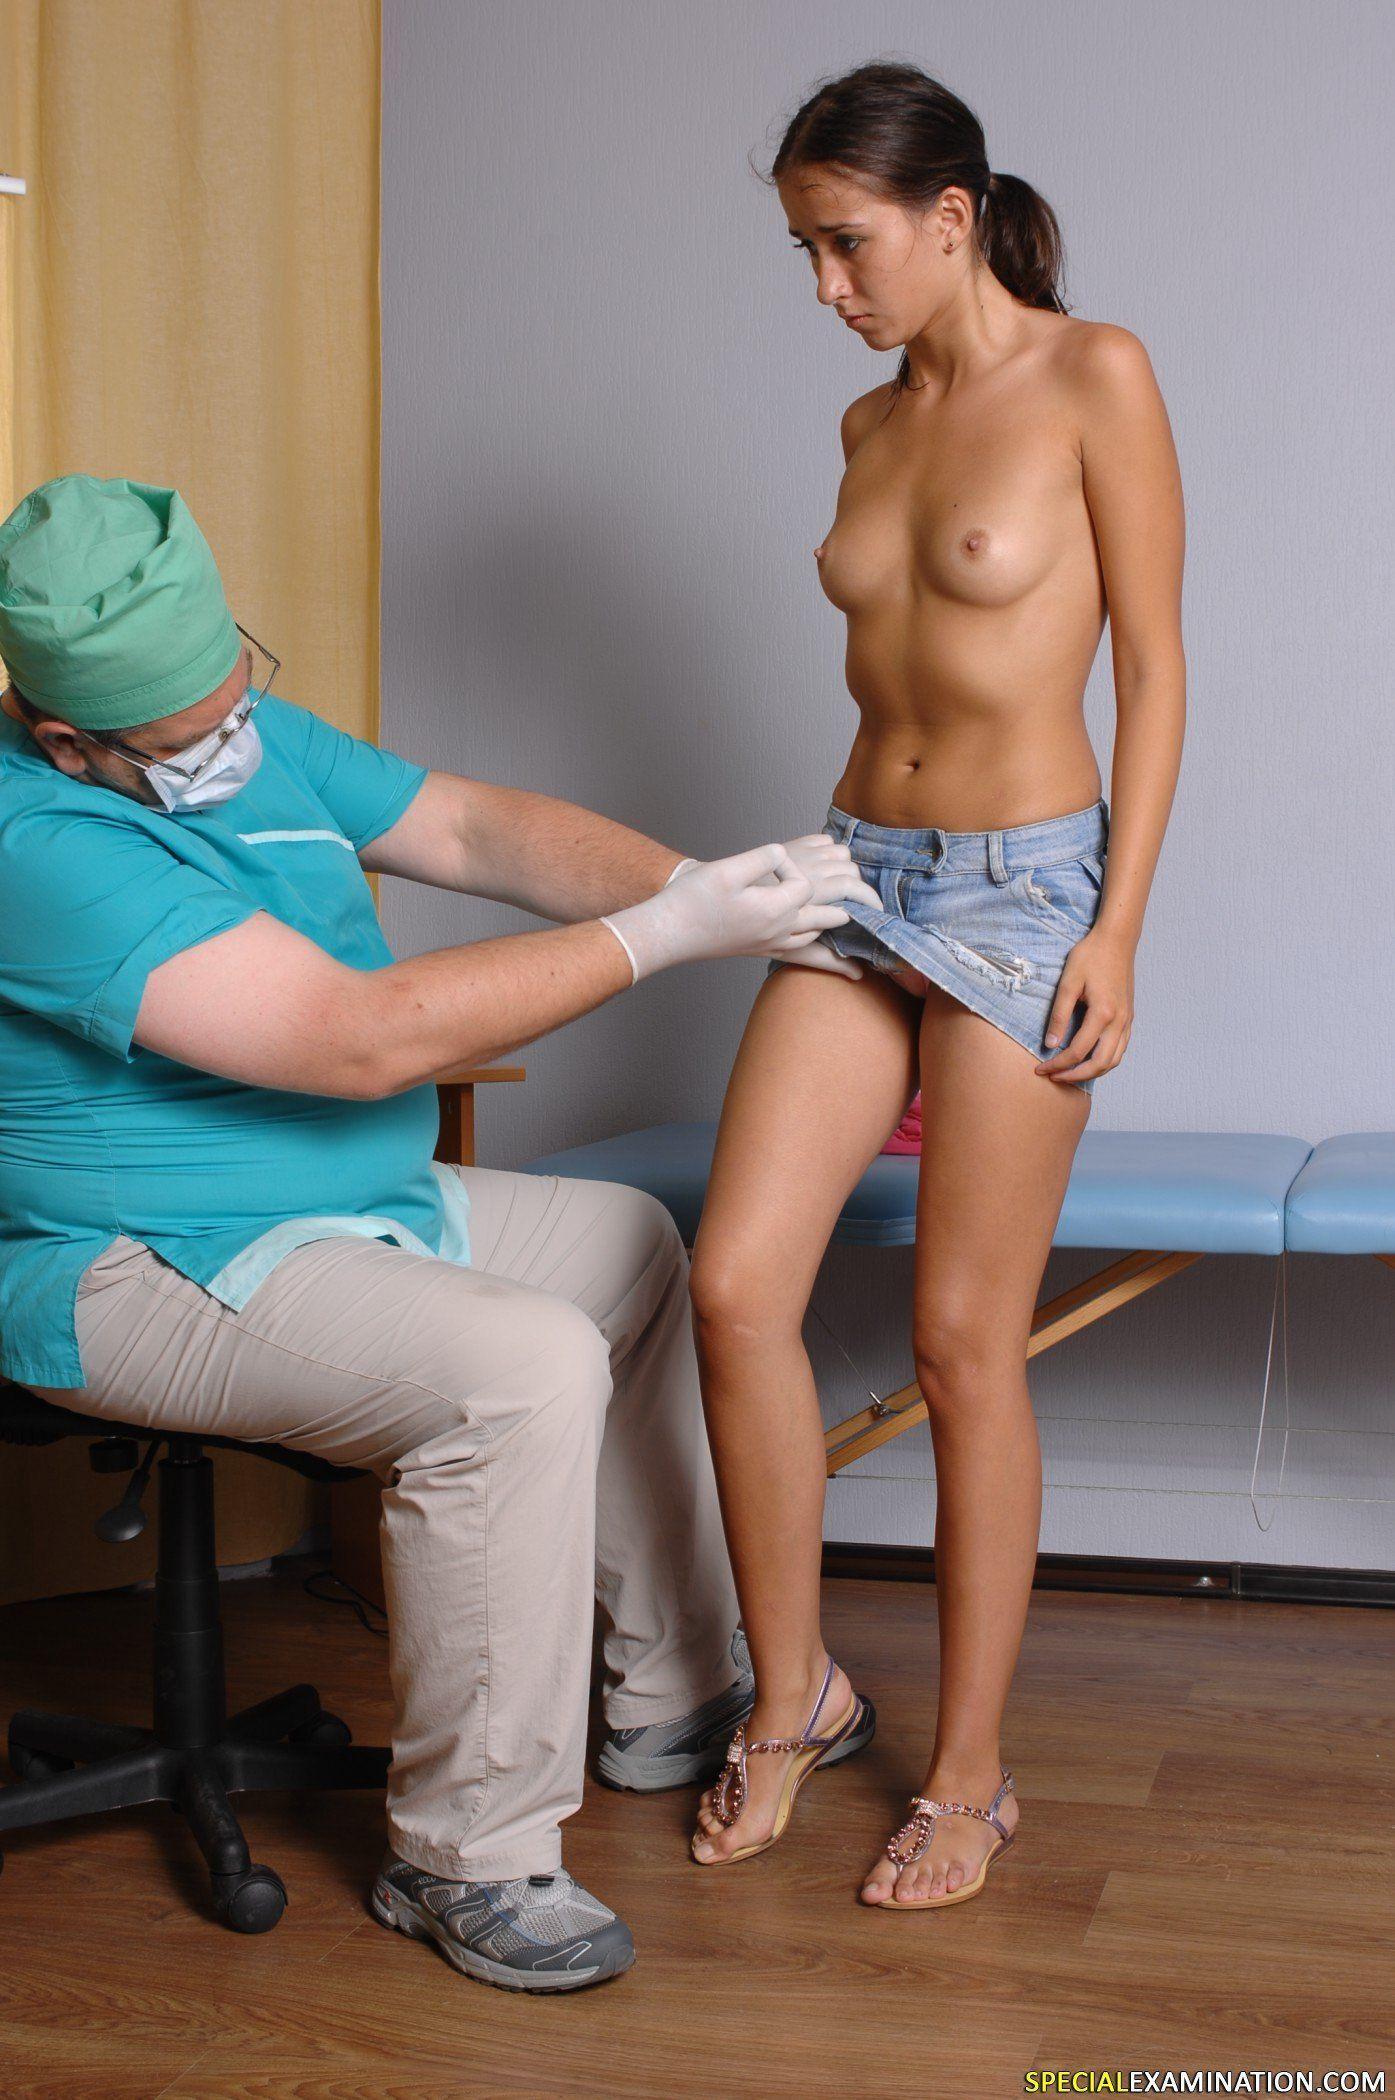 best of Com special examination